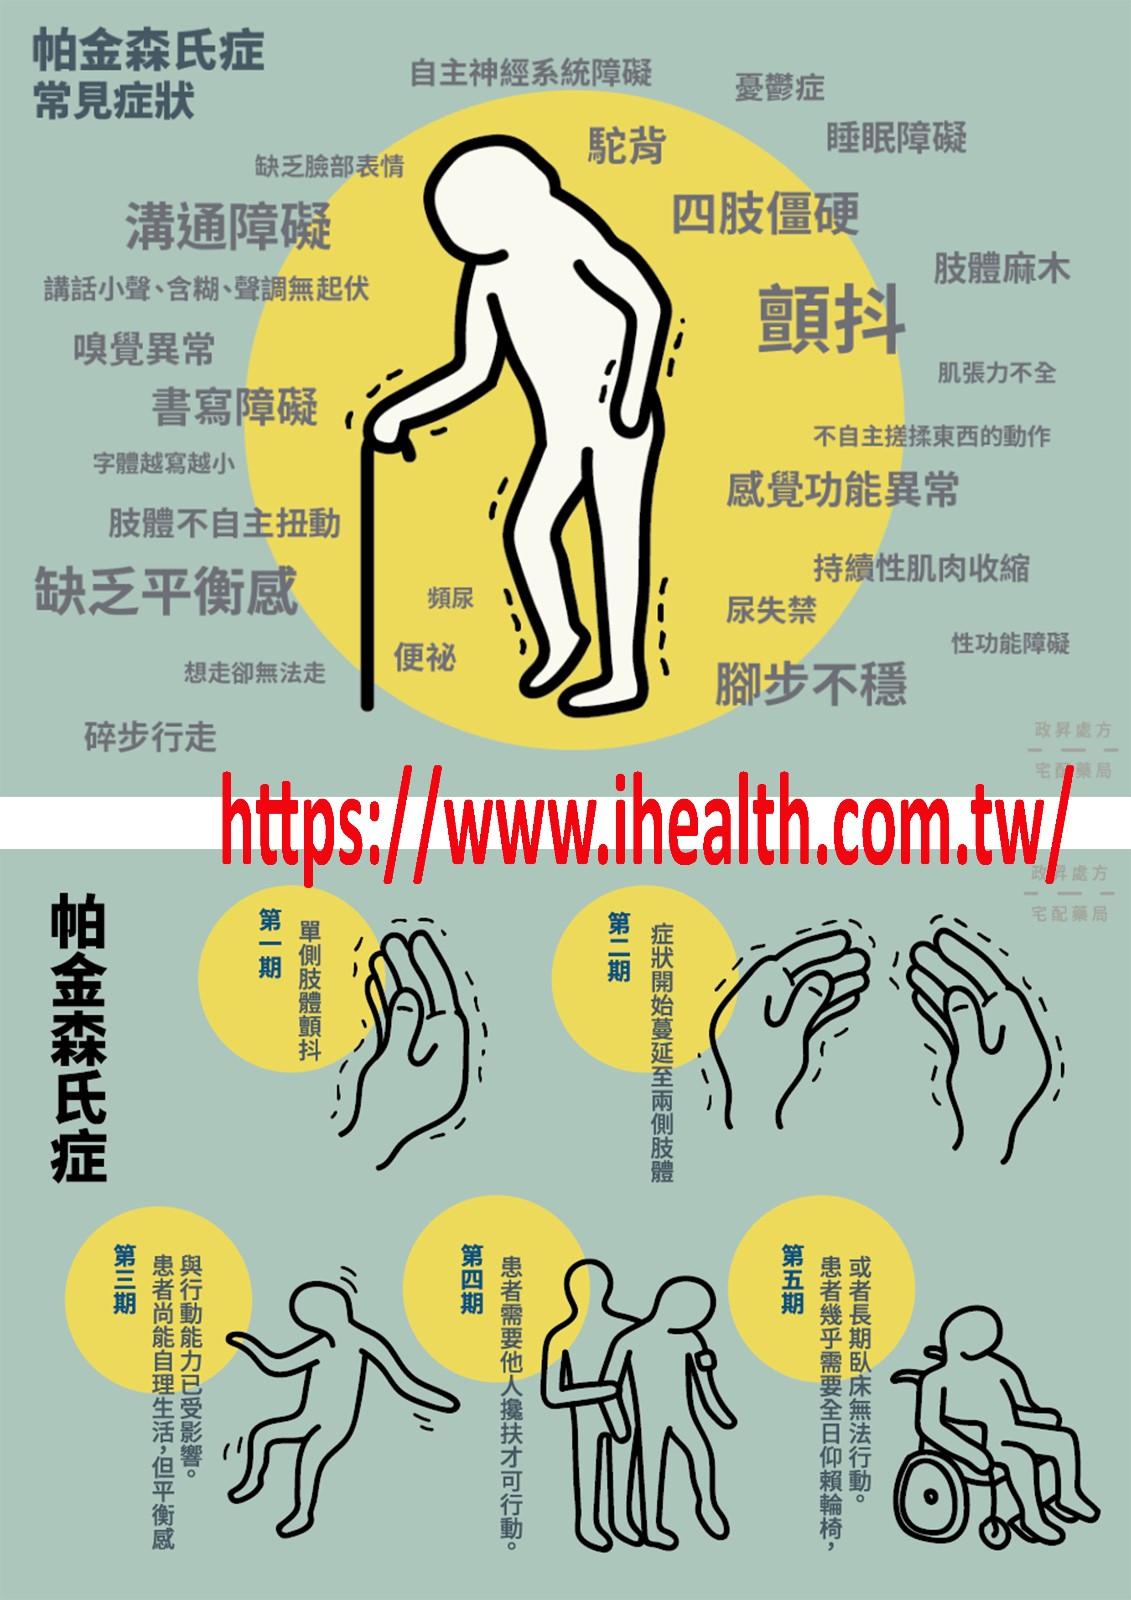 ParkinsonDisease.jpg